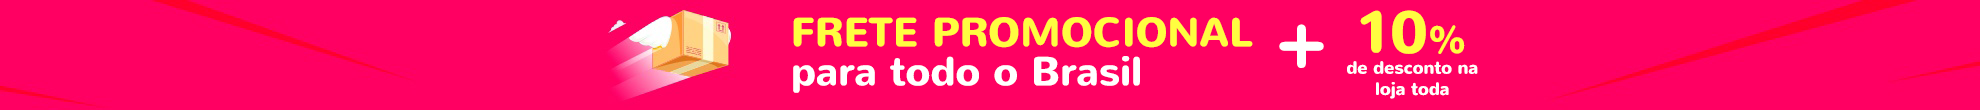 Frete Promocional de Produtos